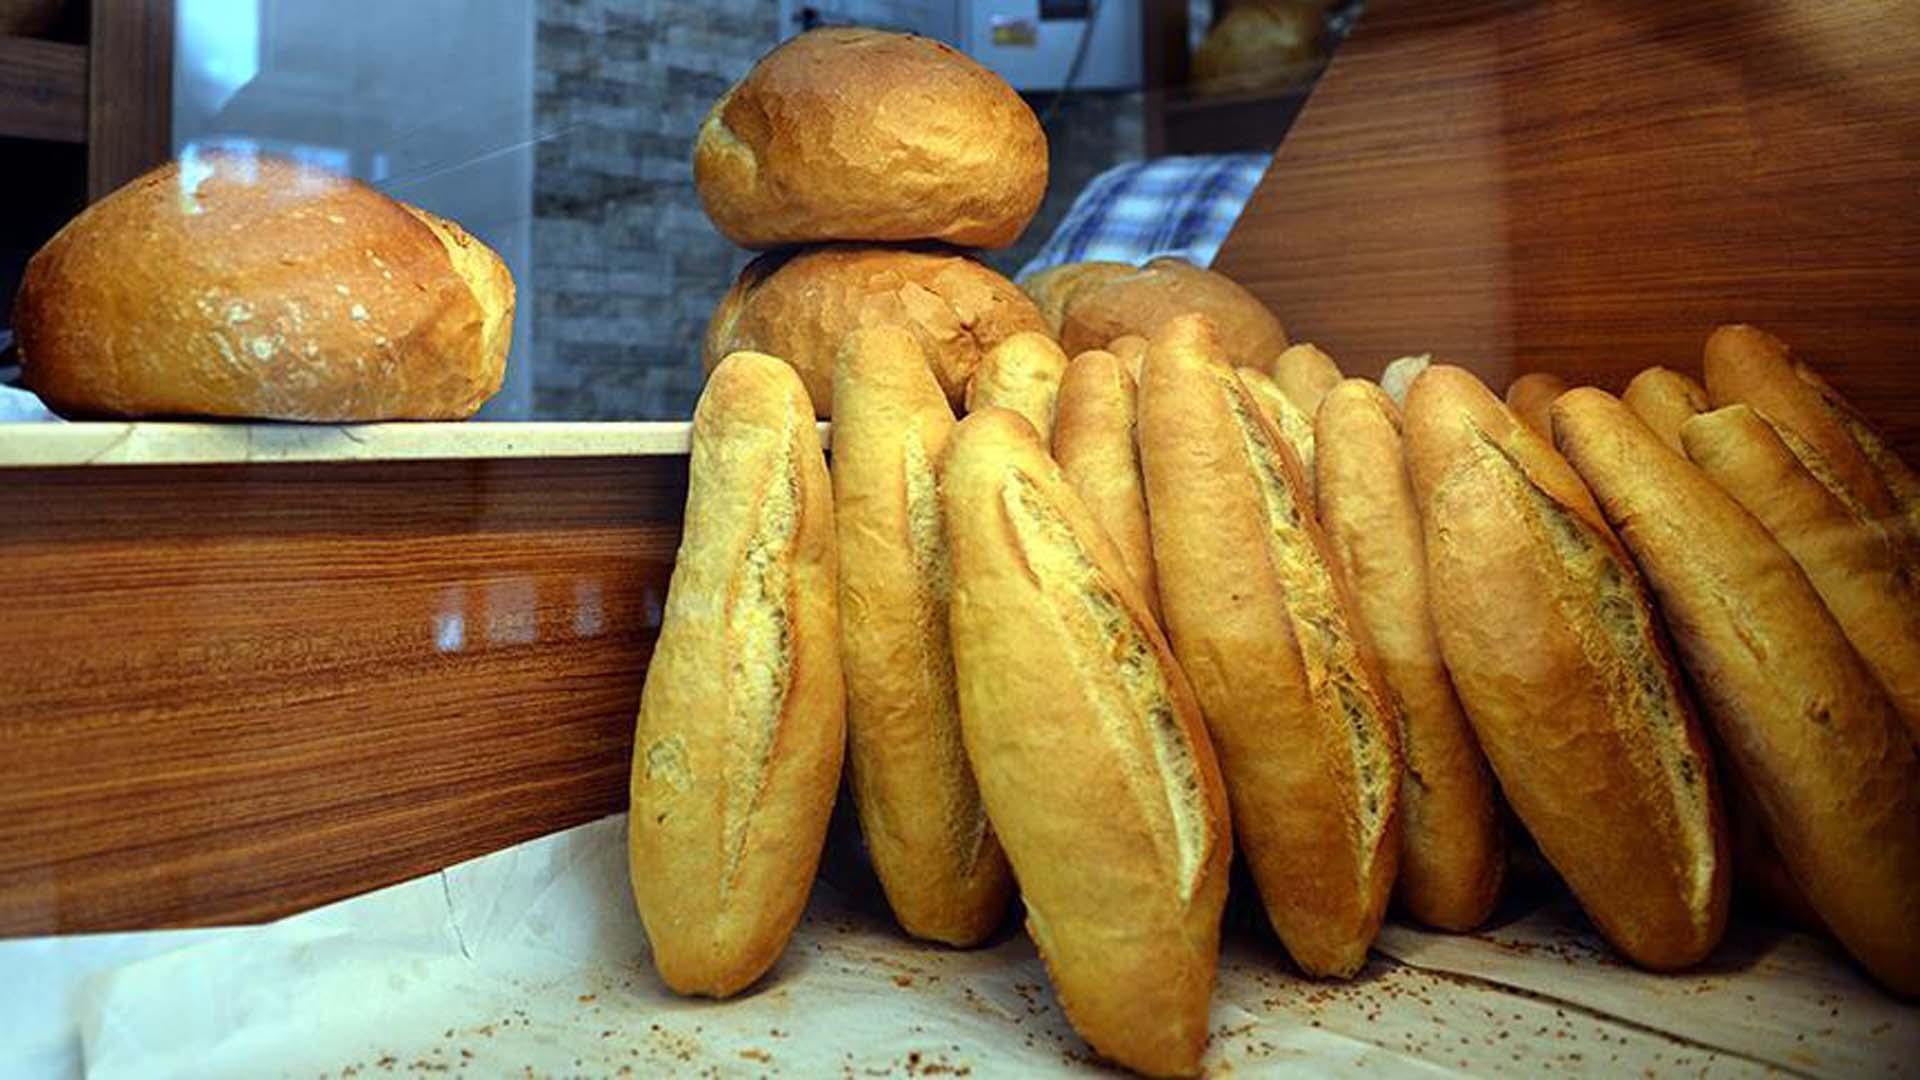 İstanbullular ucuz diye tercih ediyordu! İBB, Halk Ekmek'e yüzde 25 zam geldi